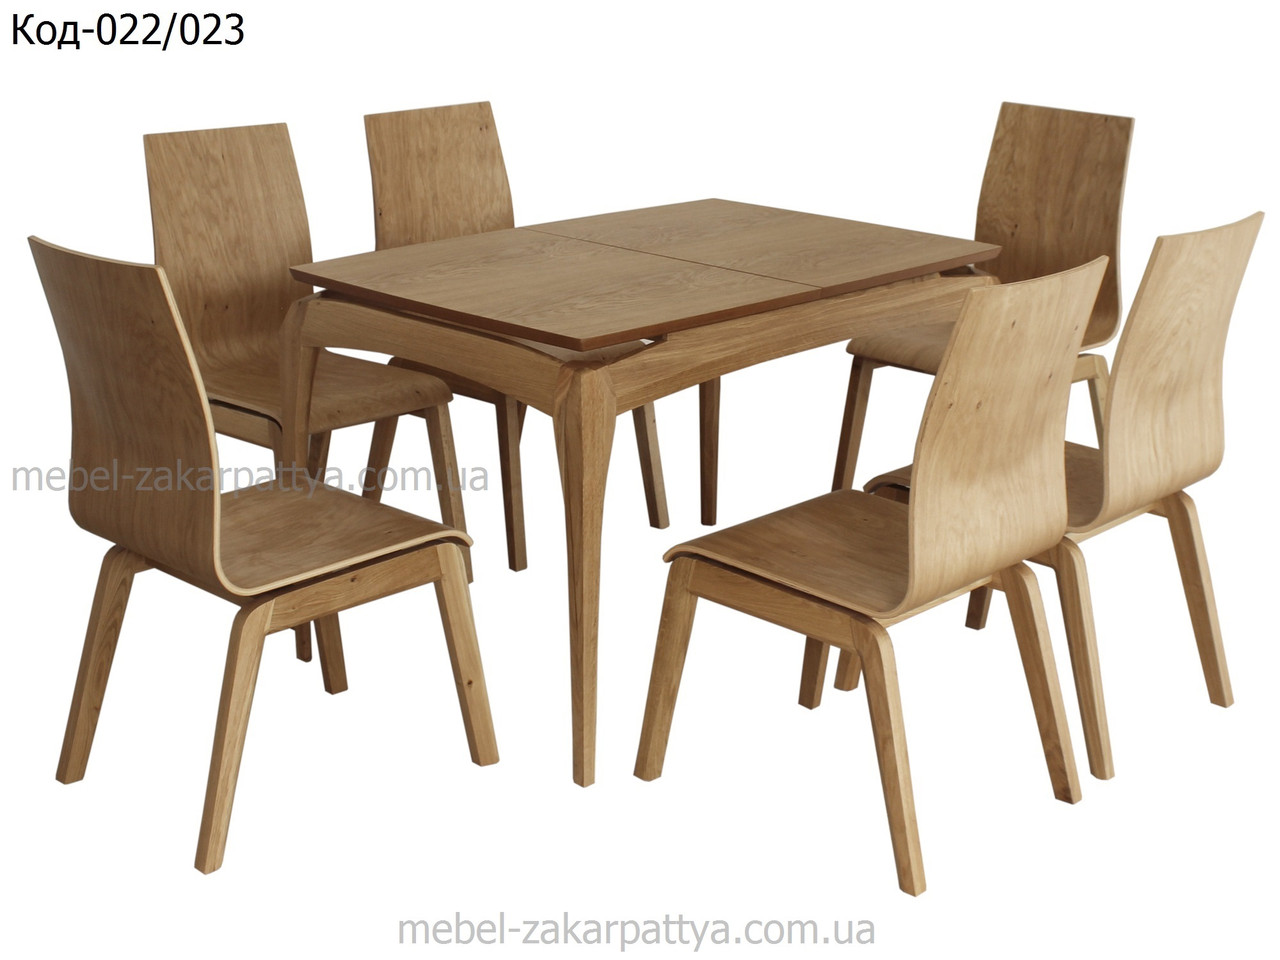 Комплект обеденный (стол и стулья) Код-022/023